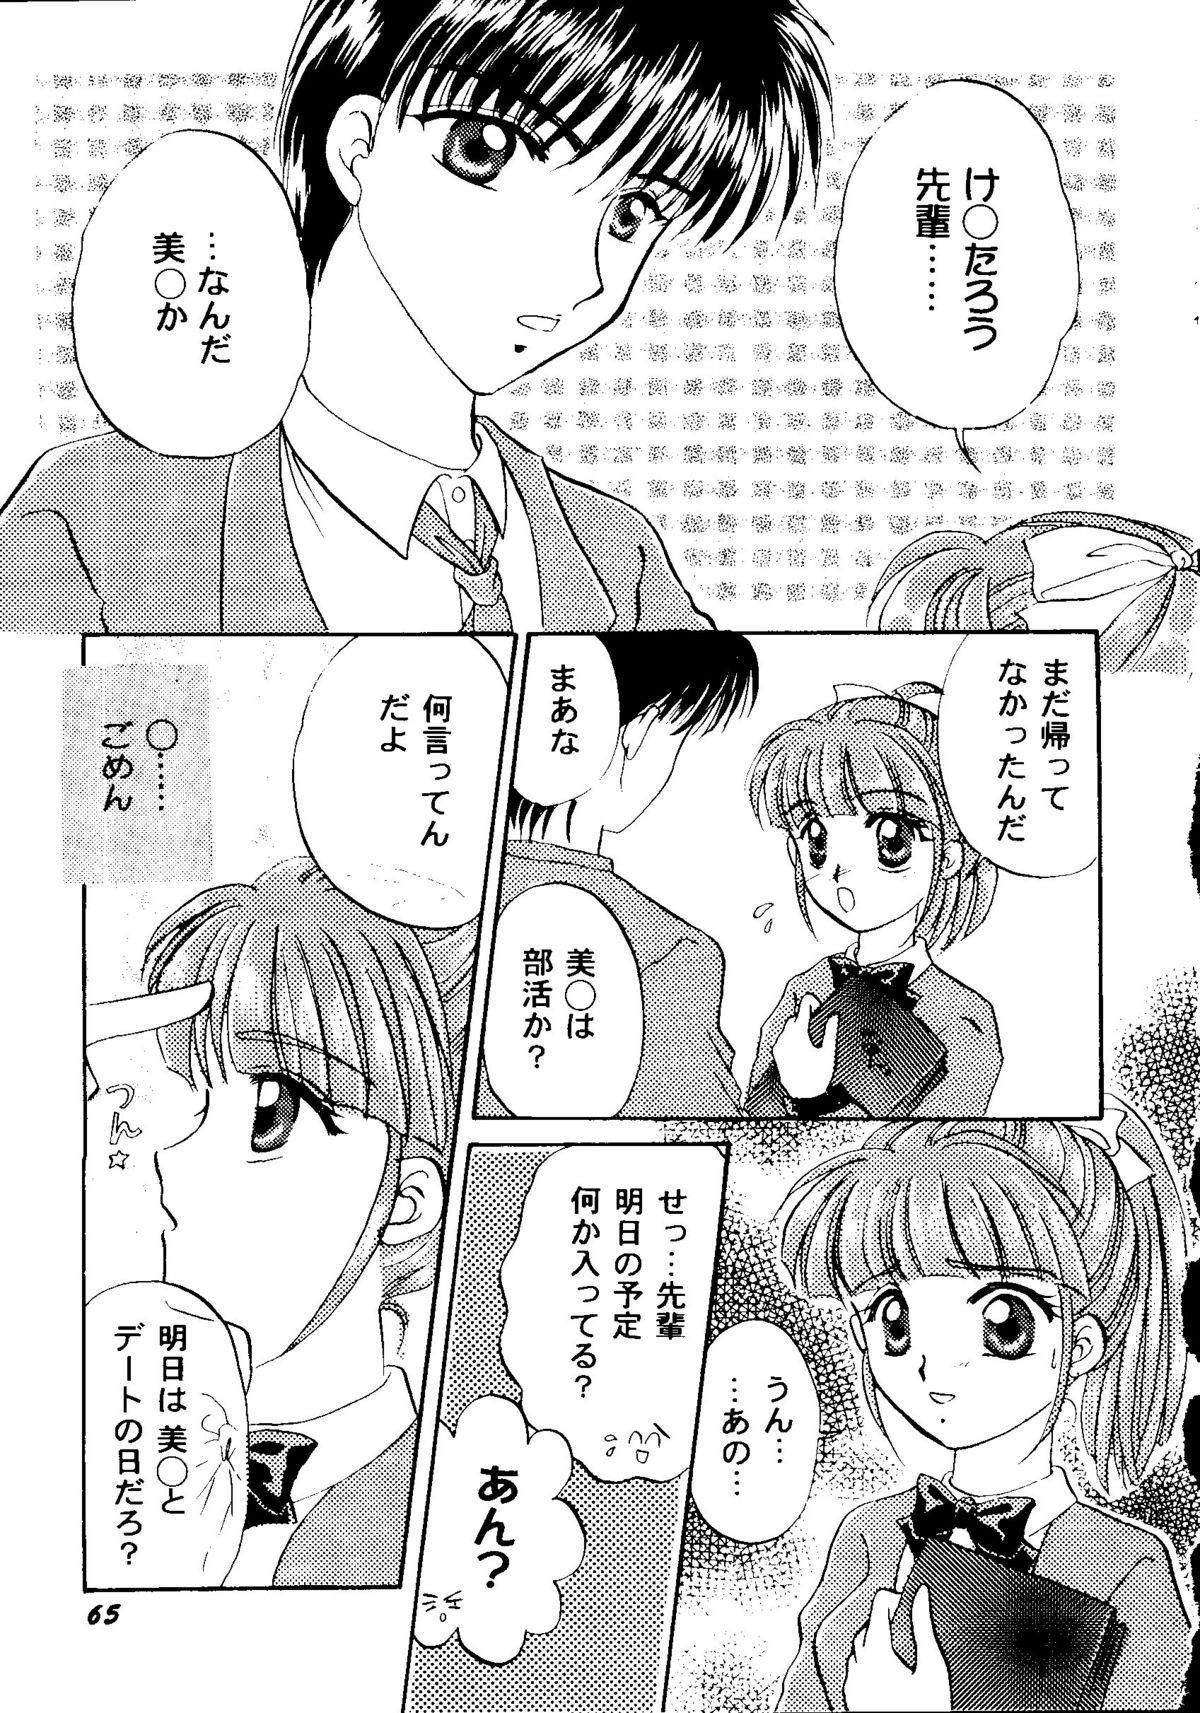 Bishoujo Doujinshi Anthology Cute 2 66